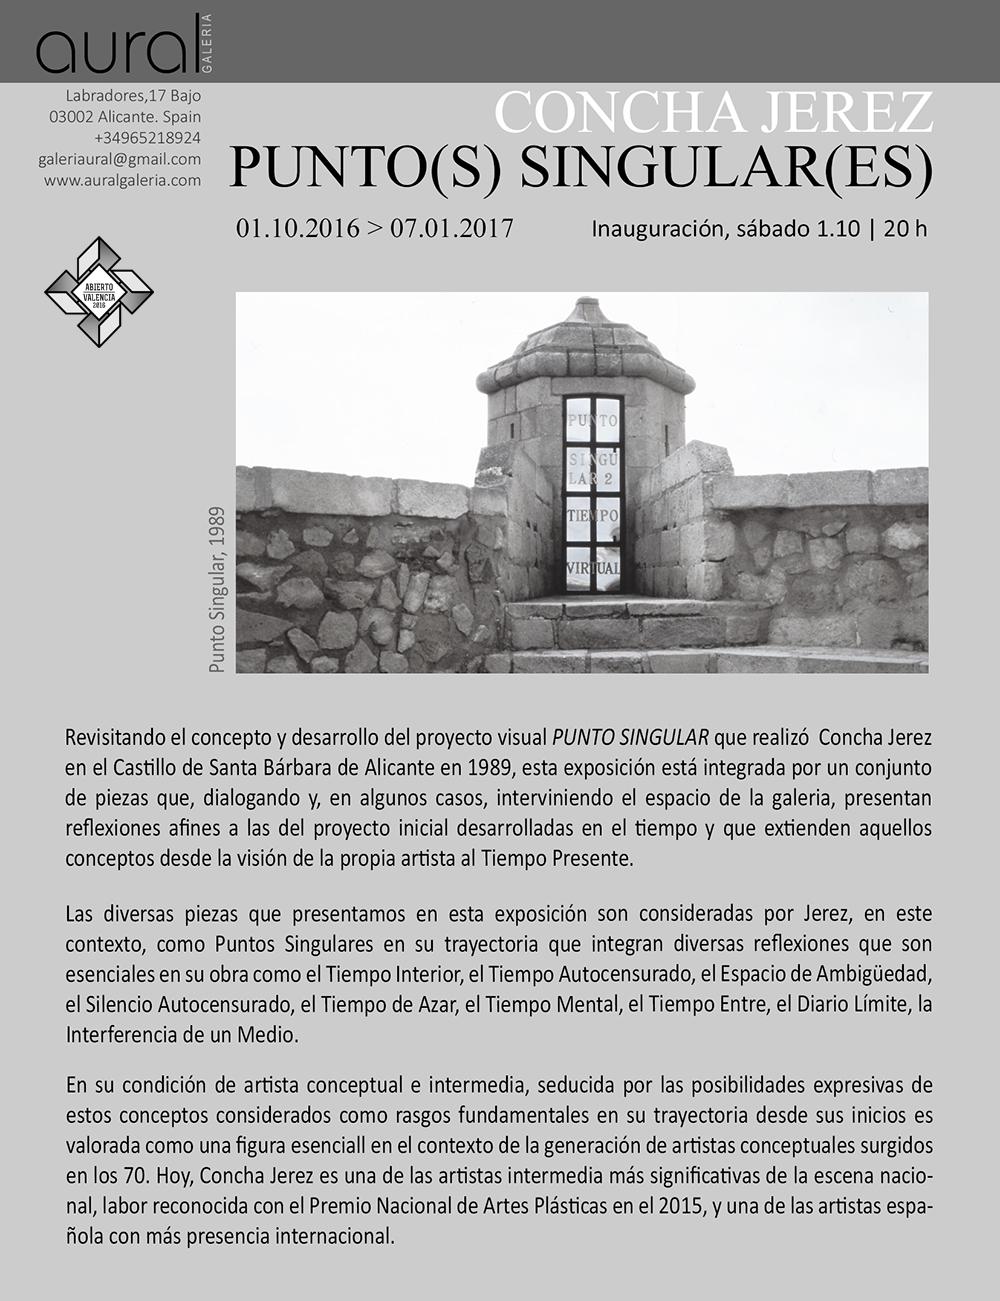 concha-jerez_puntos-singulares_01-10-2016_07-01-2017-20h